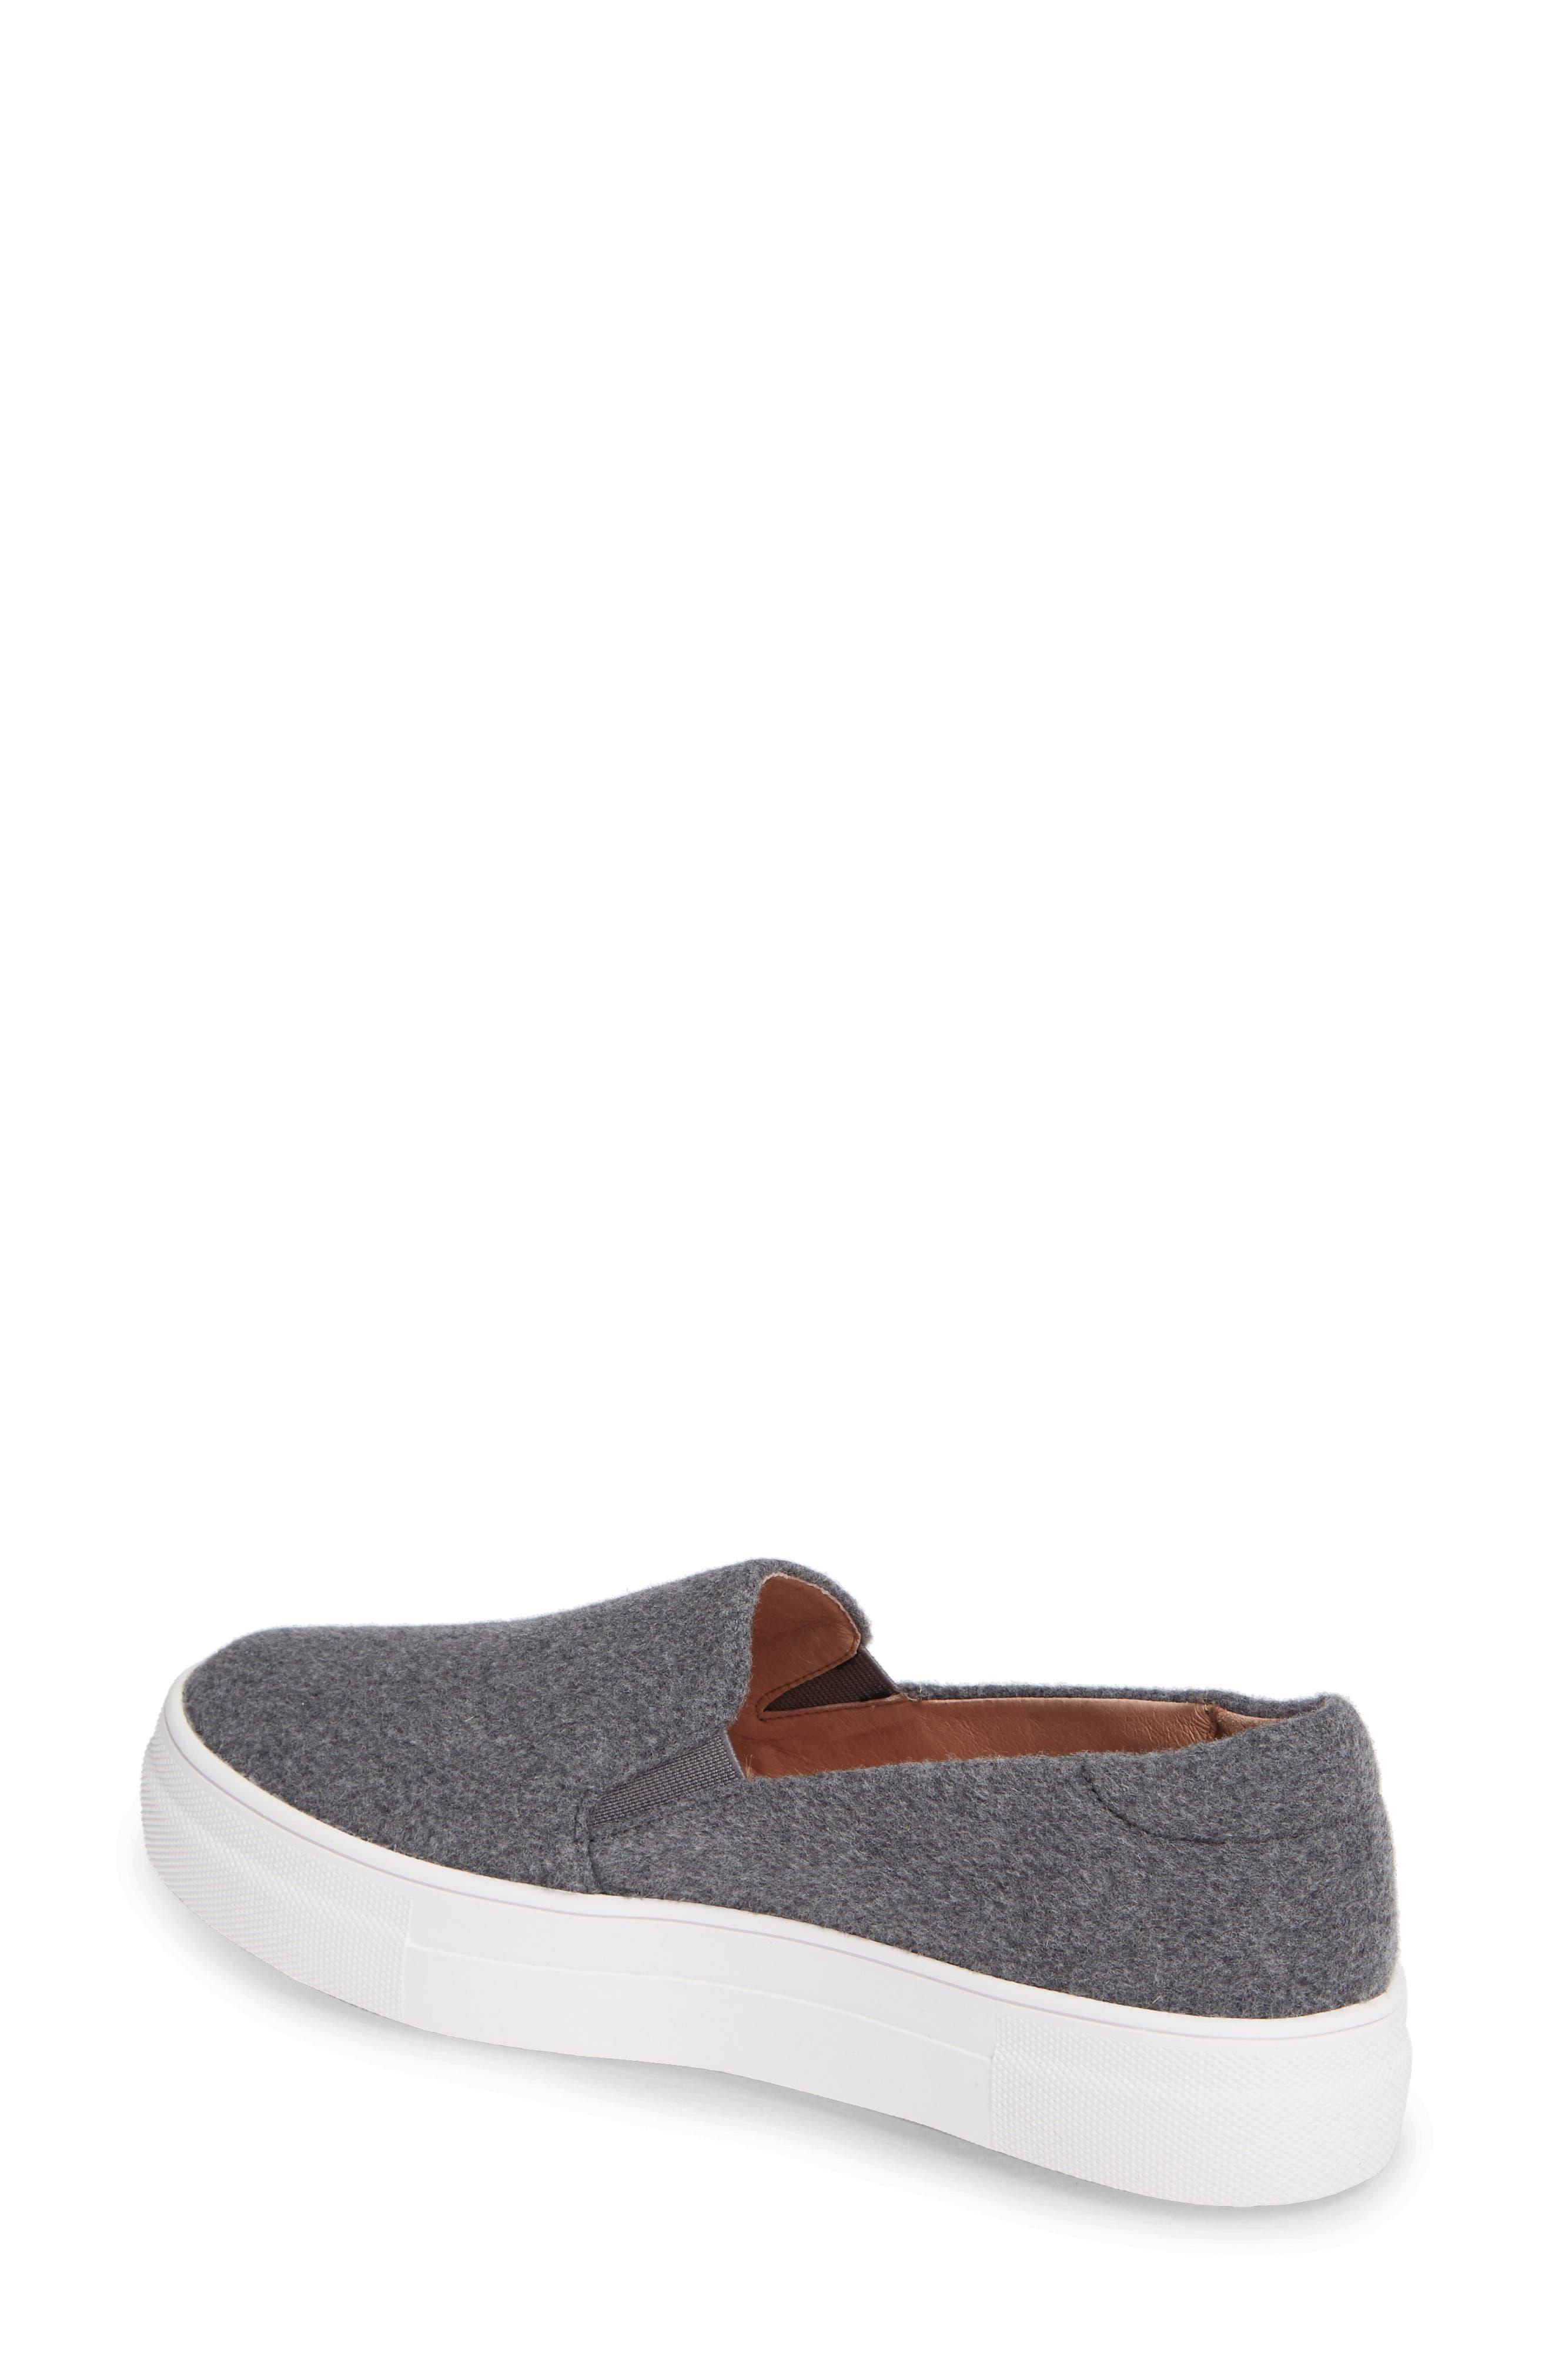 Alden Slip-On Sneaker,                             Alternate thumbnail 2, color,                             Stone Boiled Wool